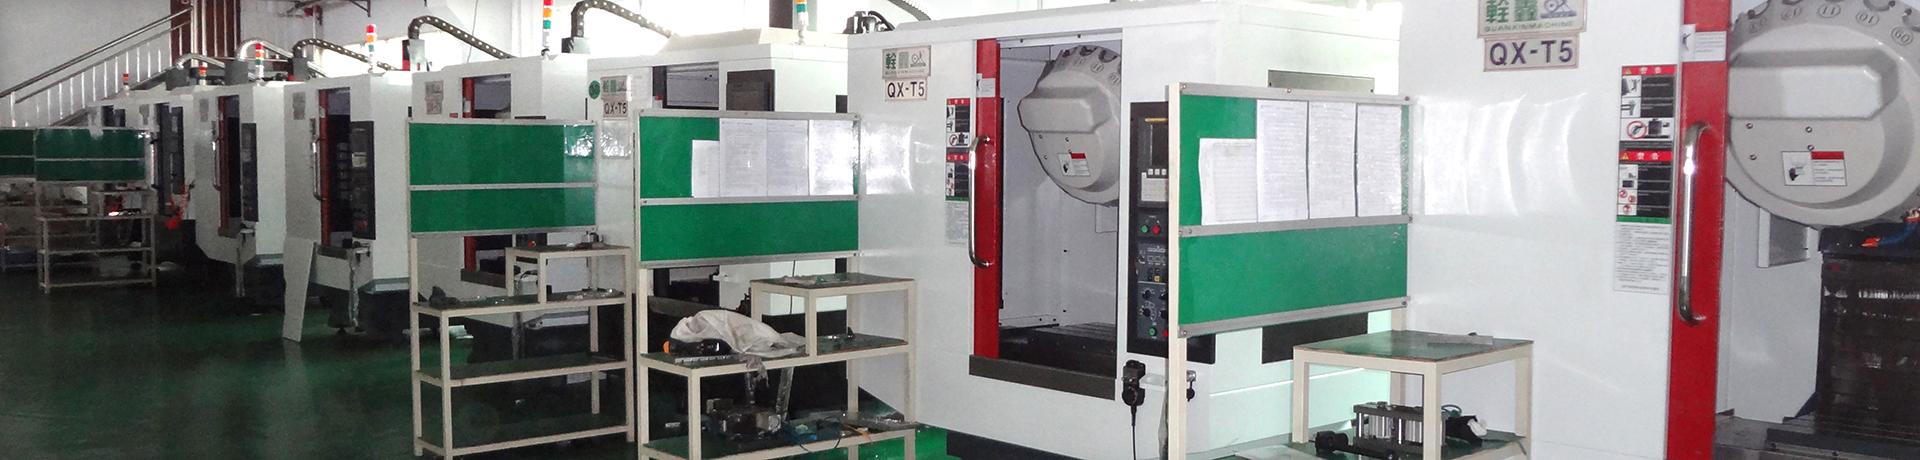 Anebon Factory 200827-6